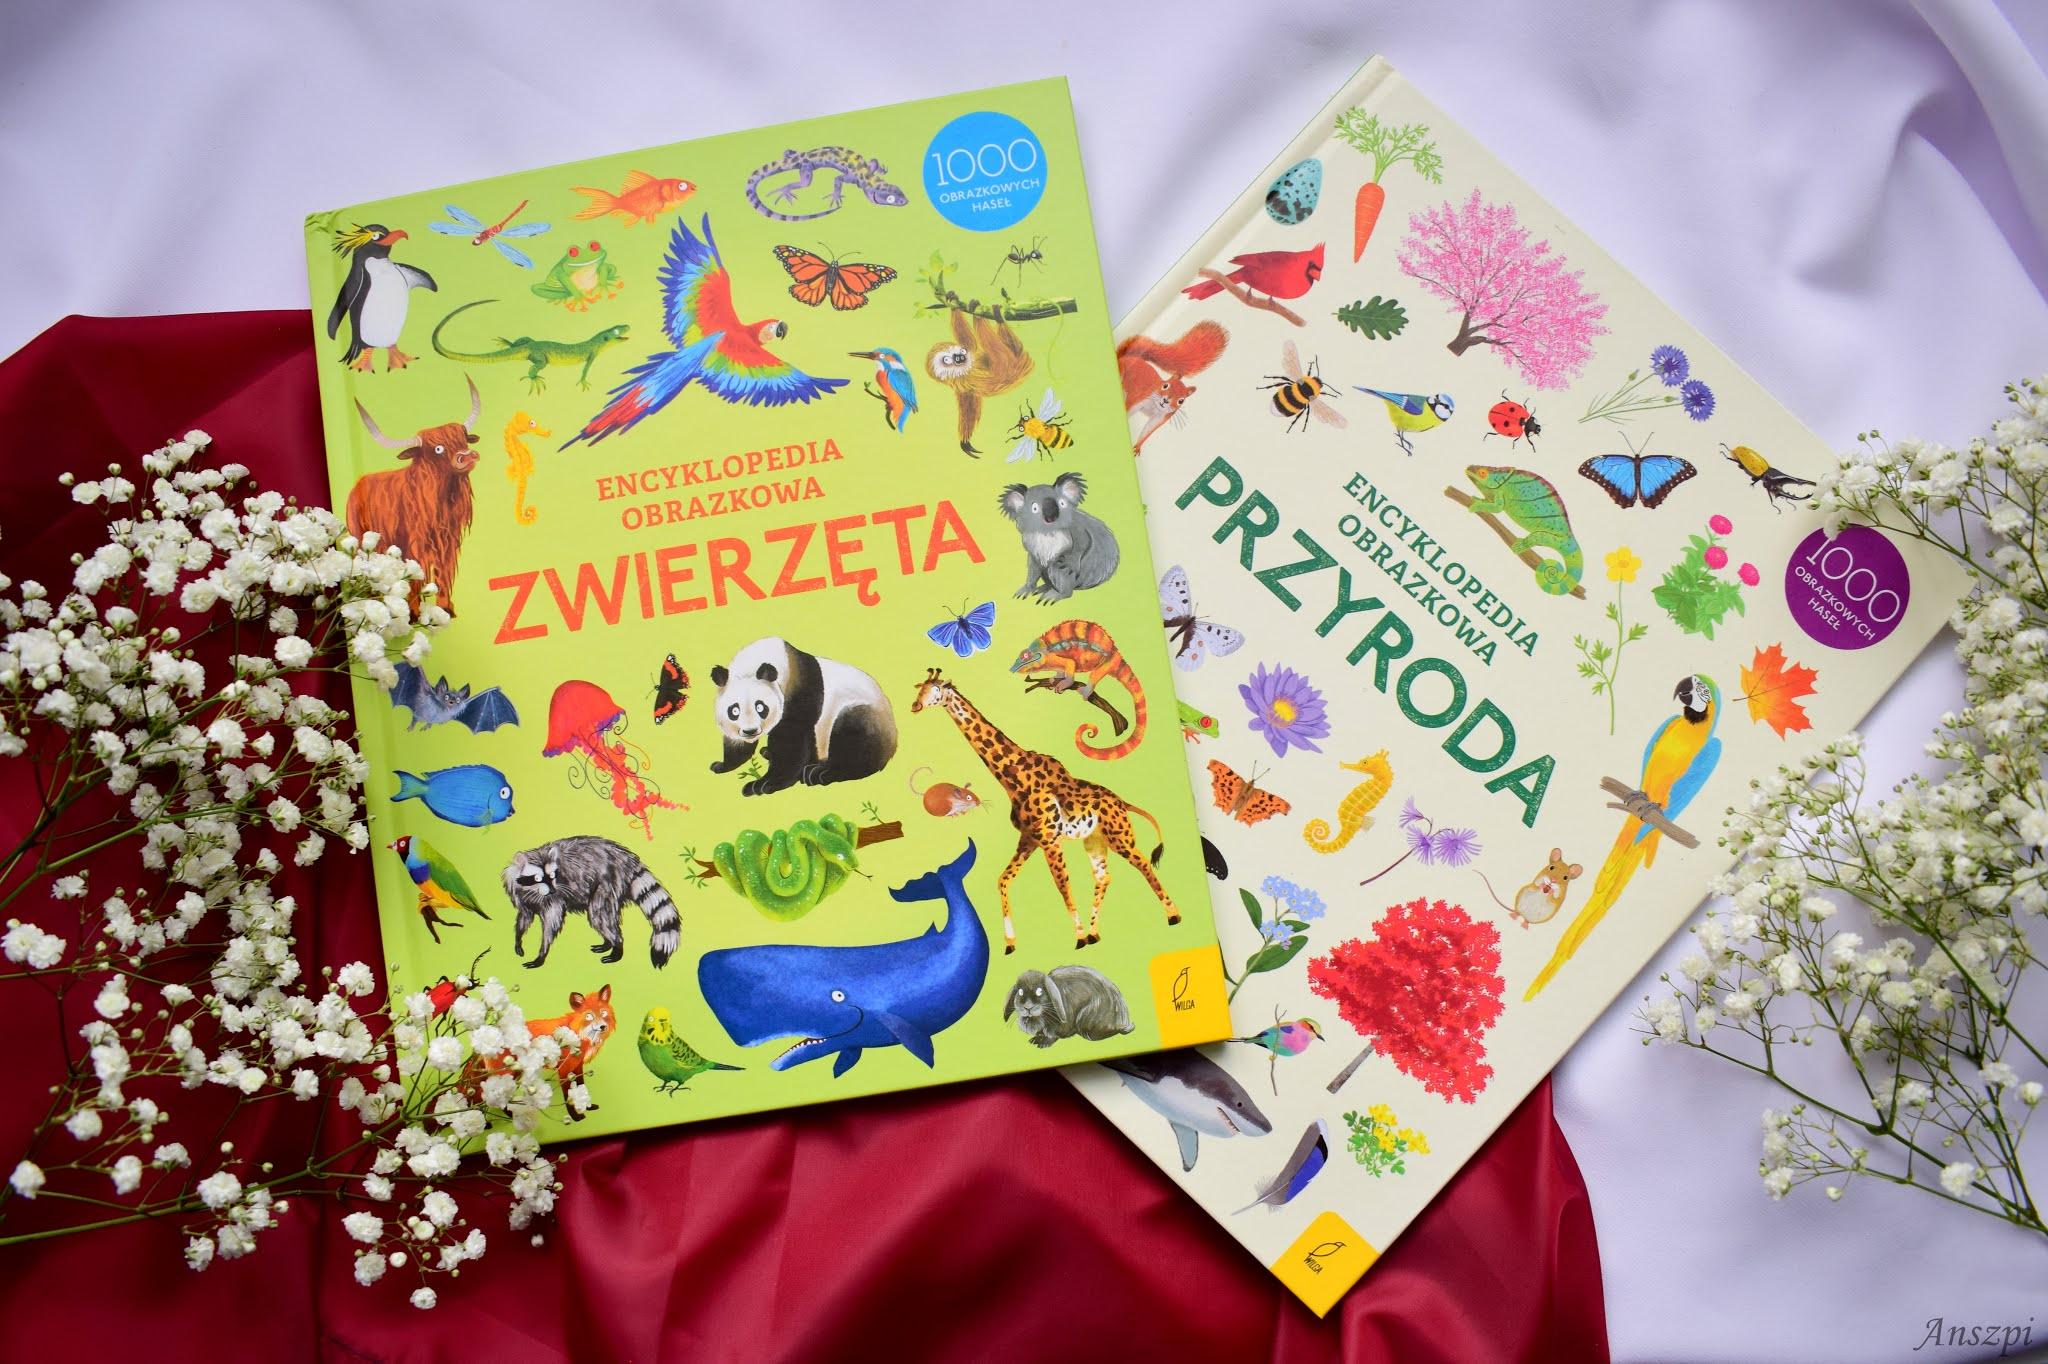 Obrazkowe encyklopedie dla dzieci od wydawnictwa Wilga